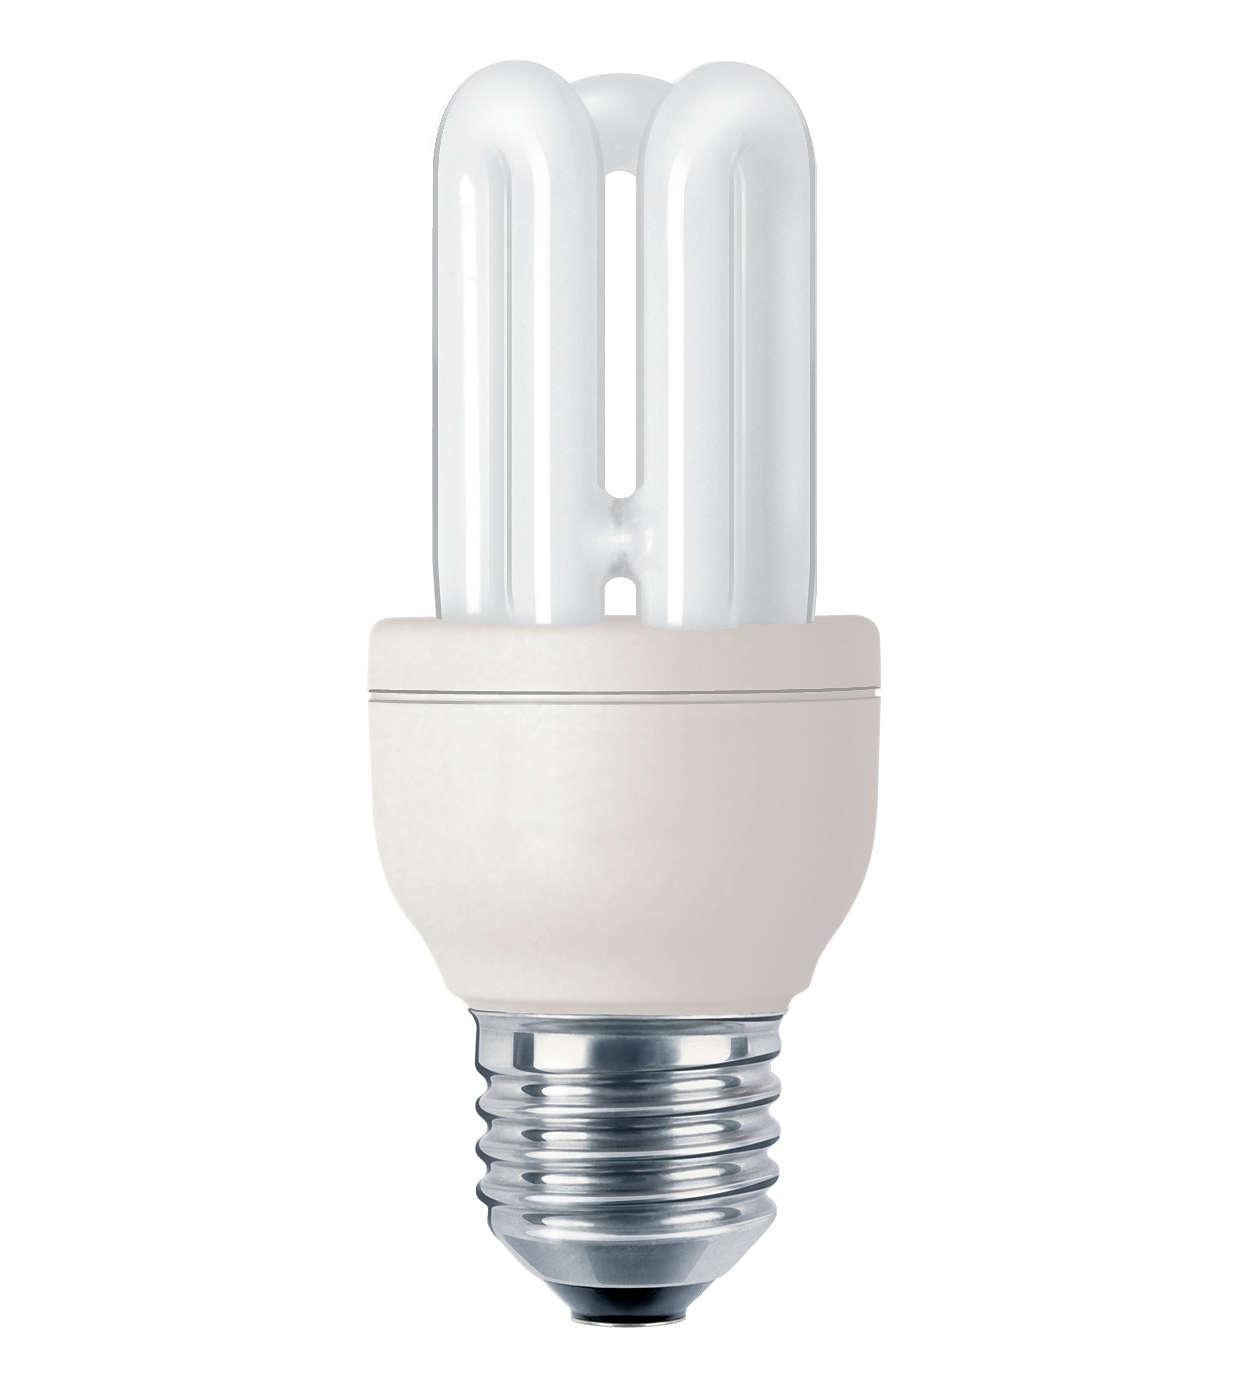 Ampoule compacte à économie d'énergie, usage professionnel